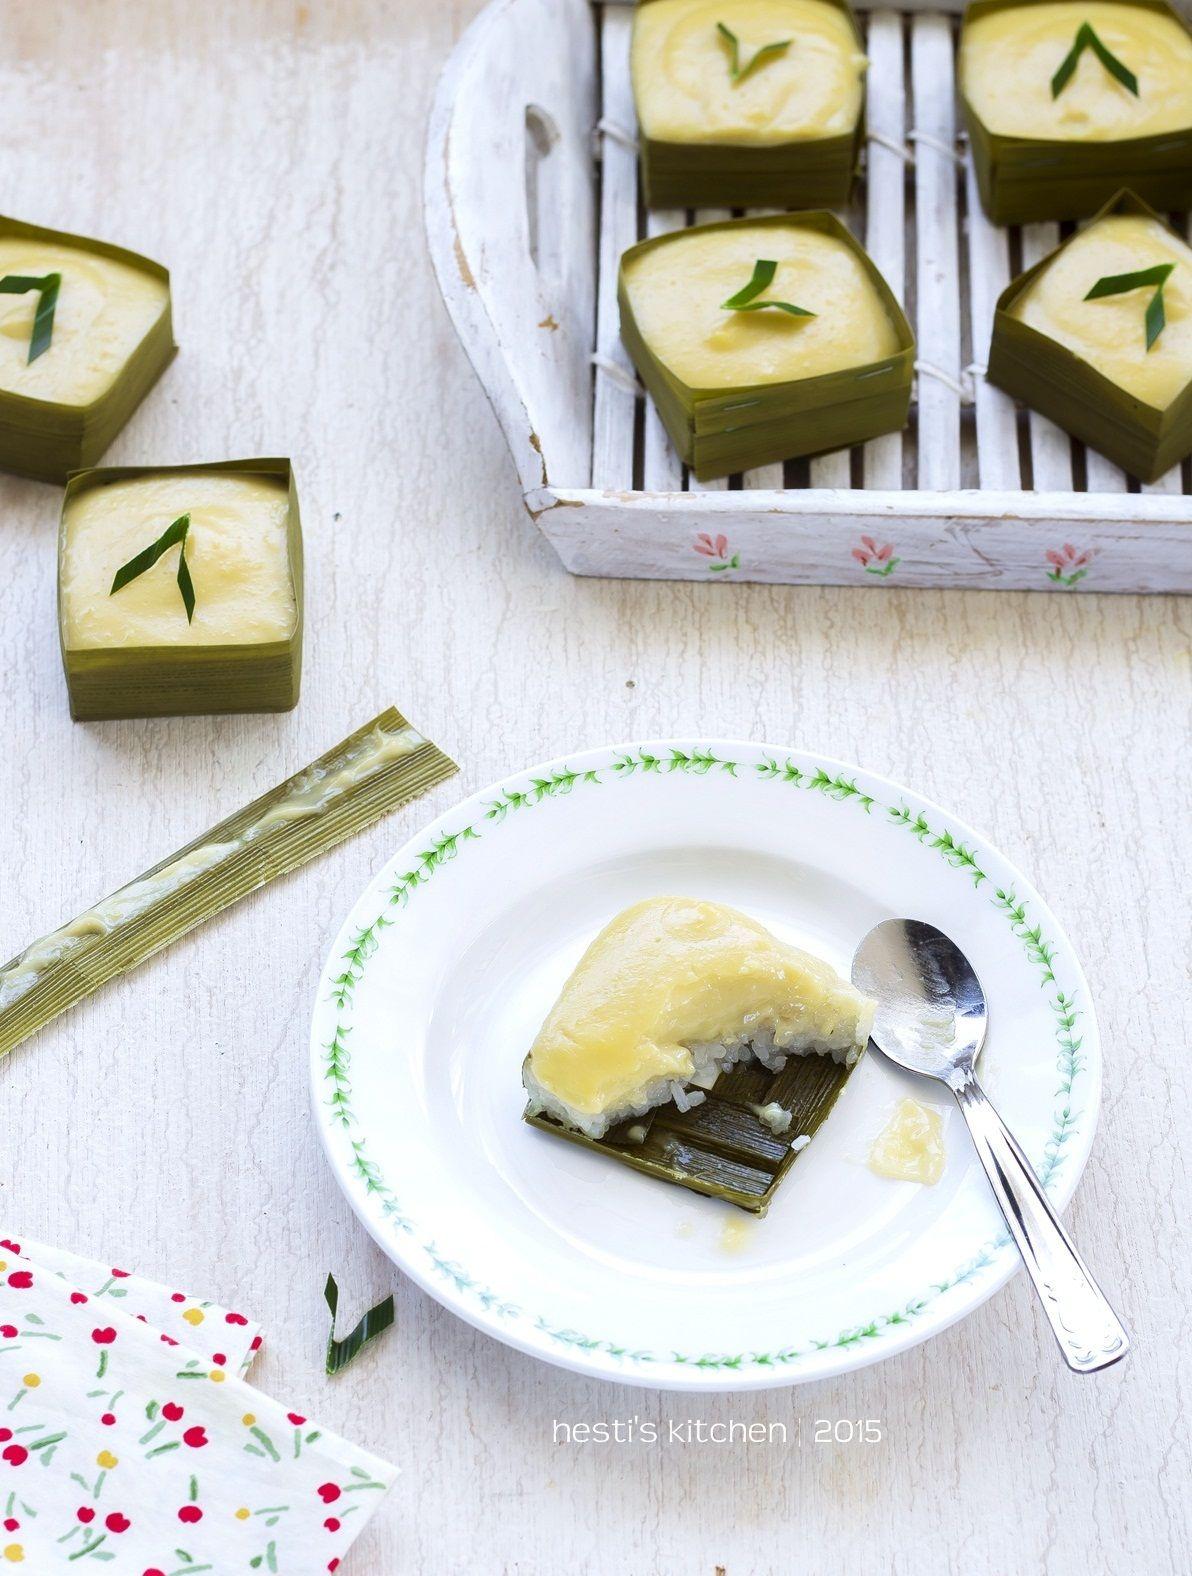 Hesti S Kitchen Yummy For Your Tummy Ketan Duren Lumer Makanan Penutup Resep Masakan Indonesia Makanan Dan Minuman